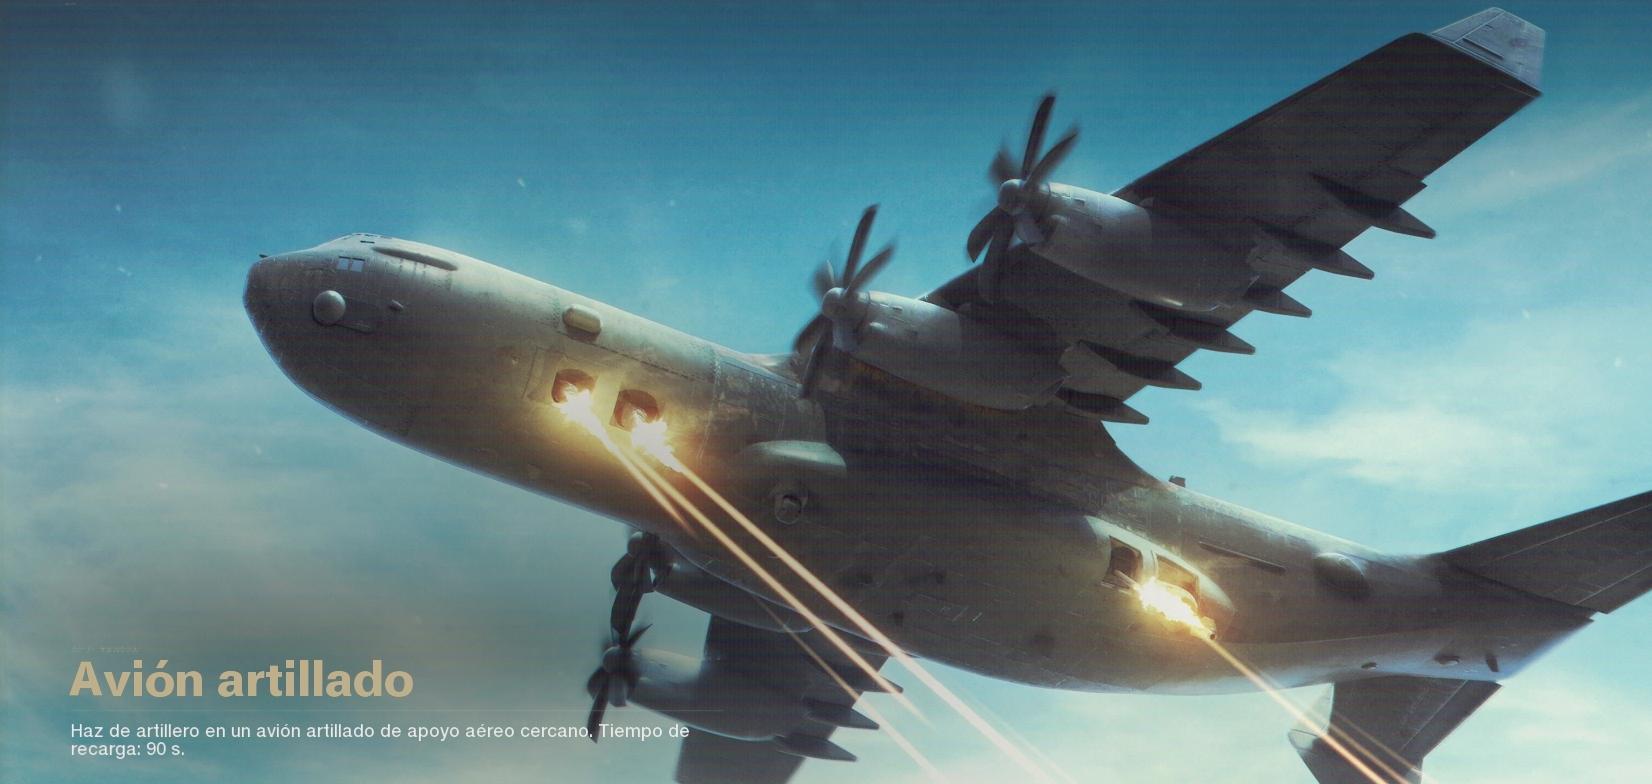 Avión artillado black ops cold war